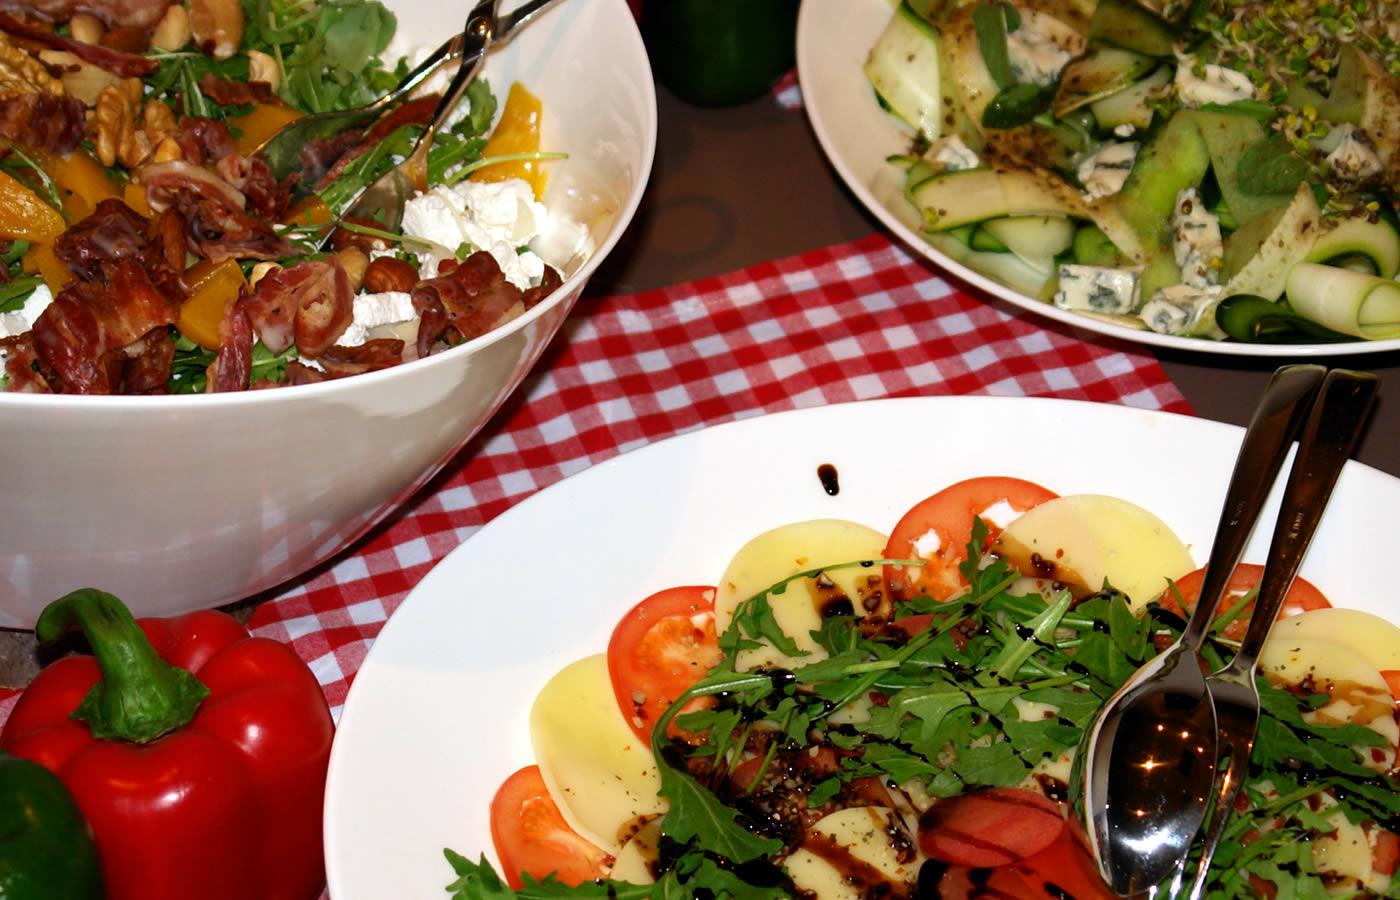 Salatbuffet von Hotel Natürlich - Familien-Ferien in Fiss.